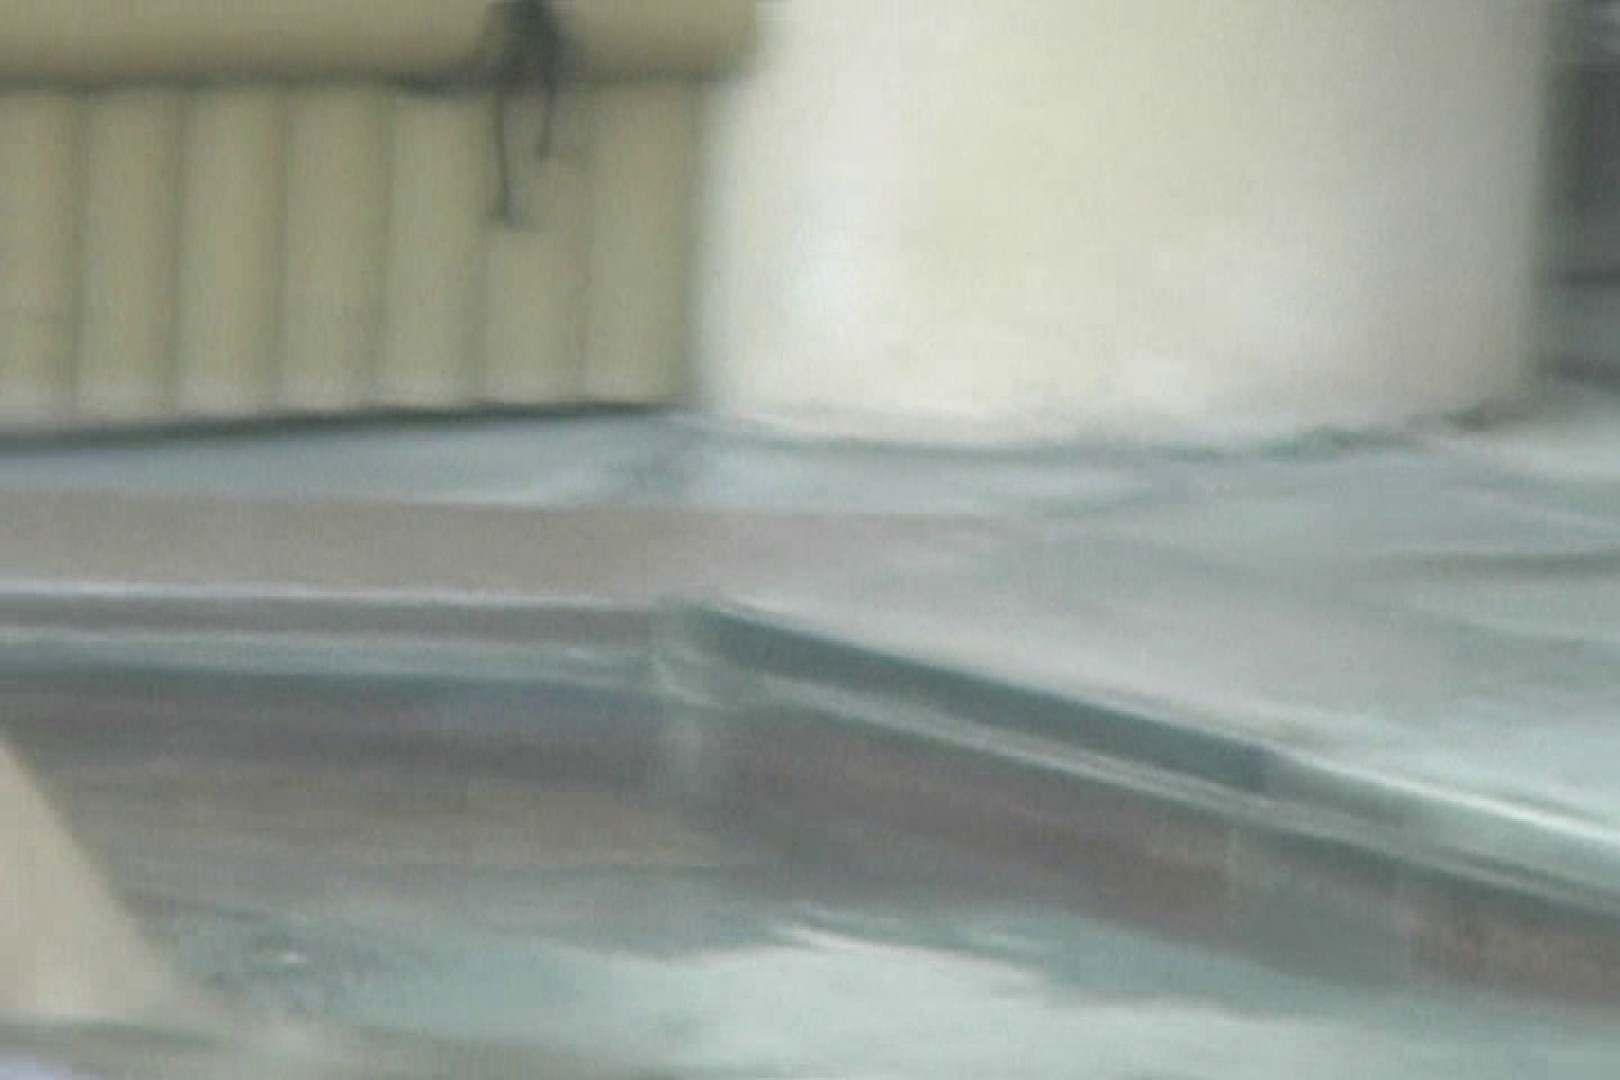 Aquaな露天風呂Vol.590 OLエロ画像   盗撮  50PICs 1